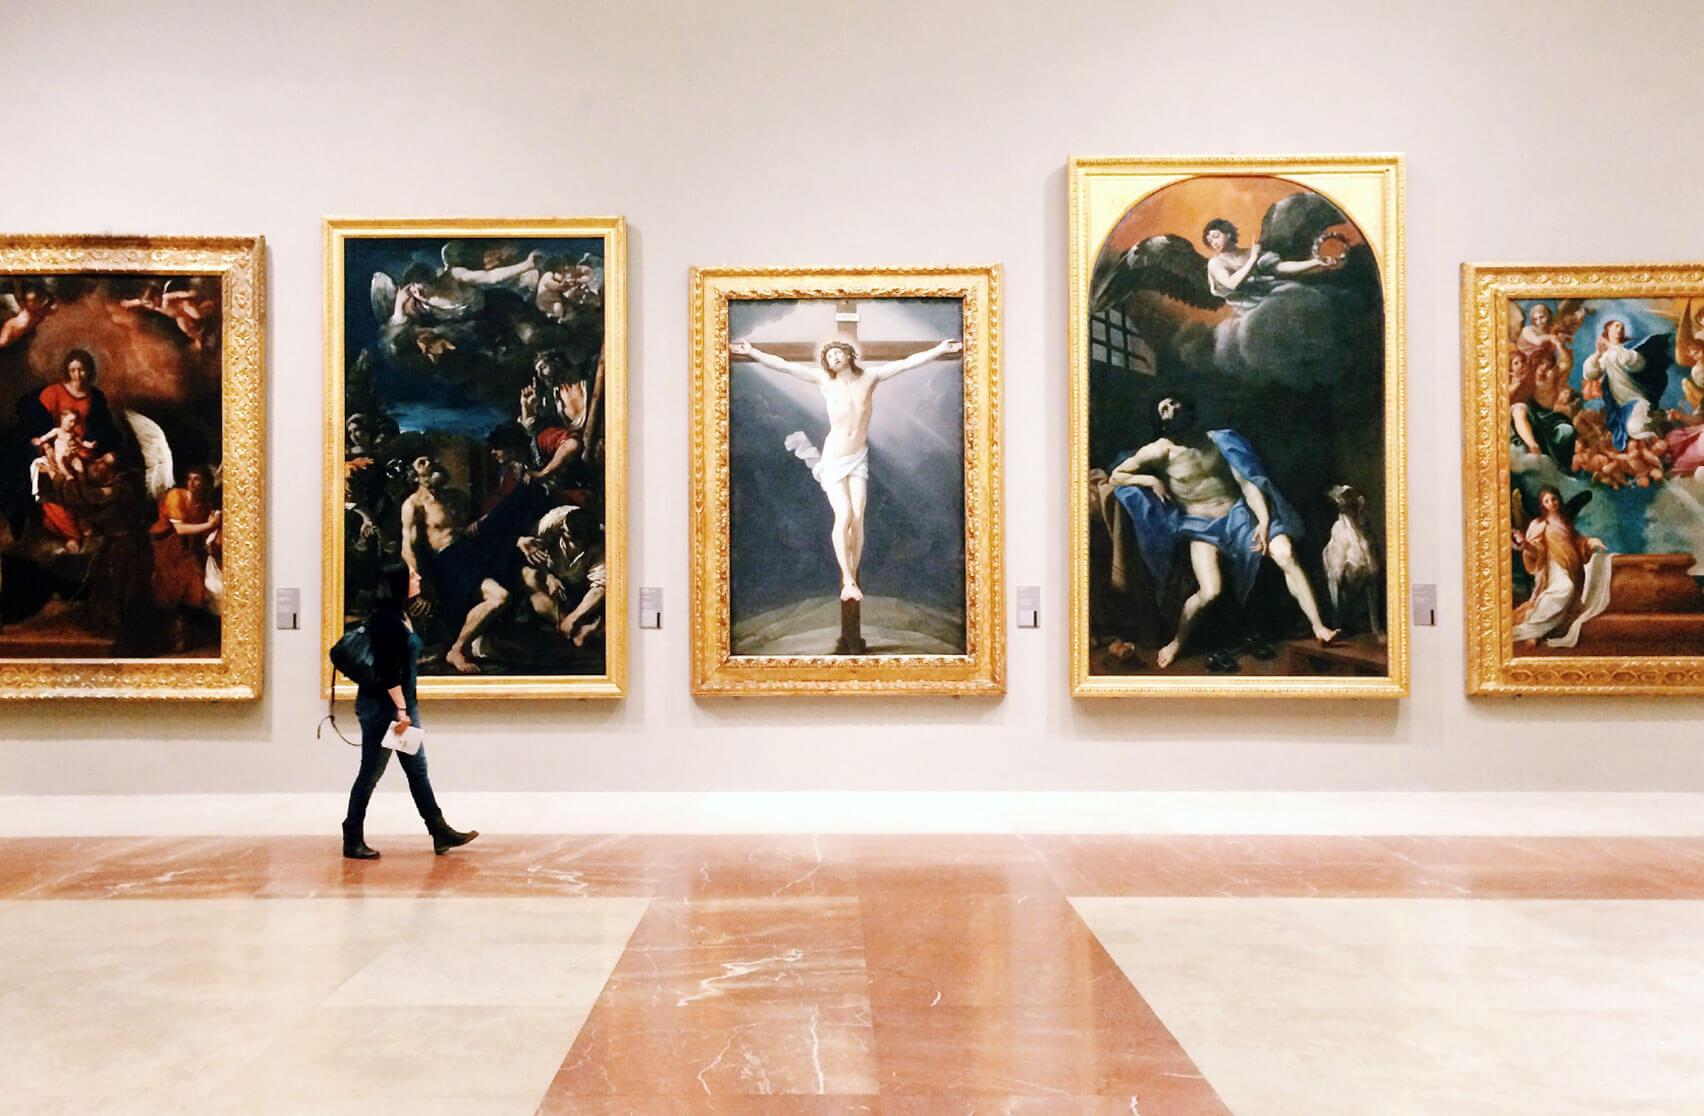 Galleria_Estense_Modena_MyModenaDiary_Cover